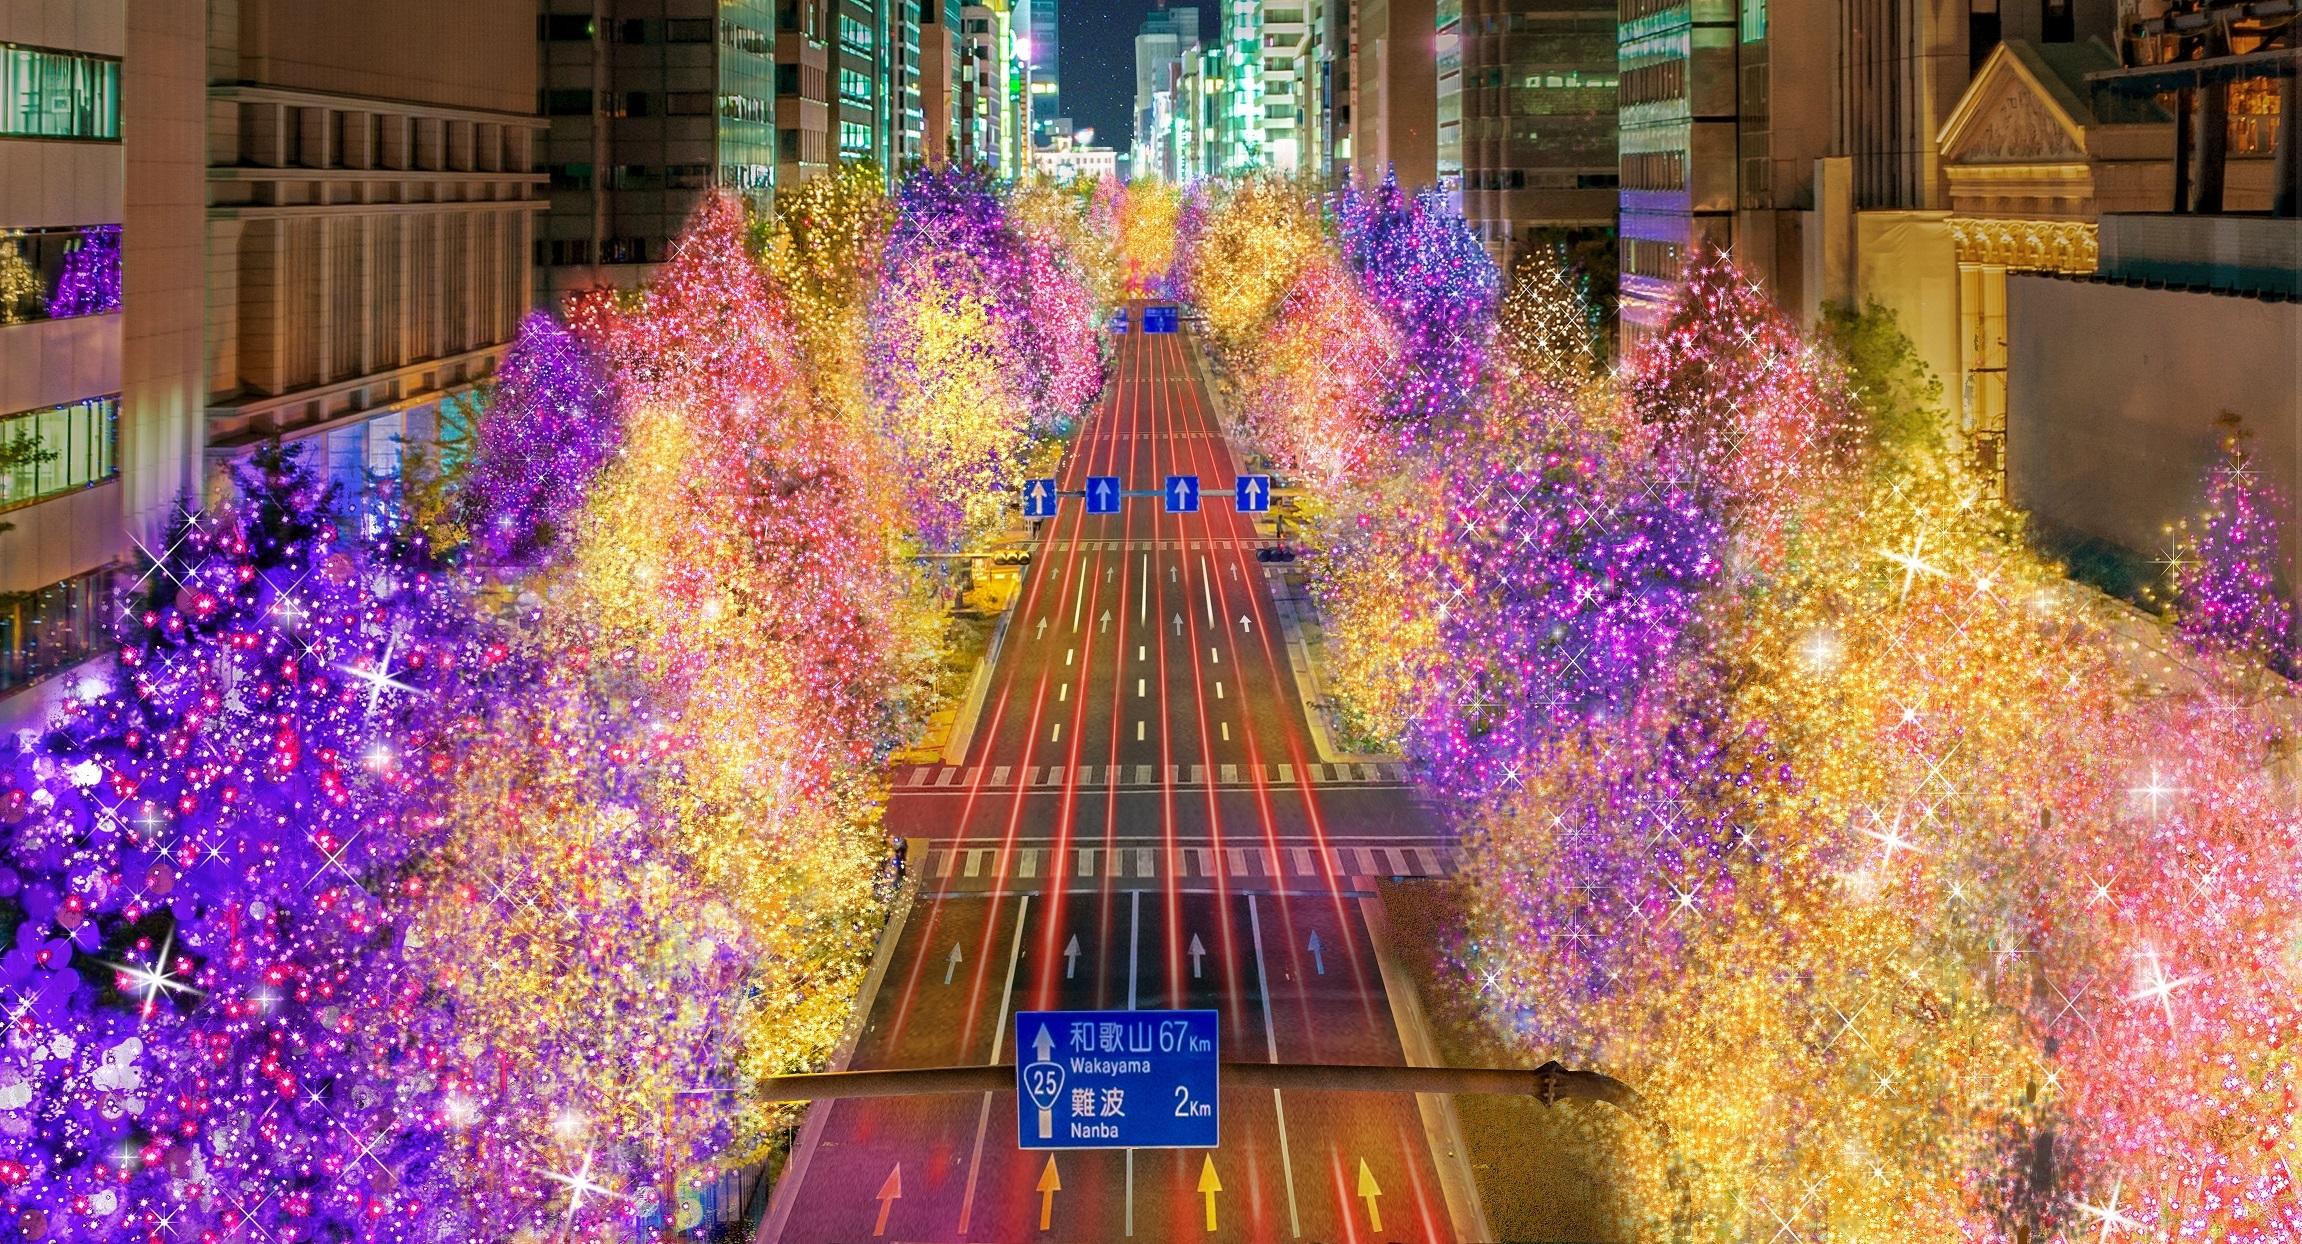 御堂筋イルミネーション2019(※画像はイメージ) (C)大阪・光の饗宴実行委員会